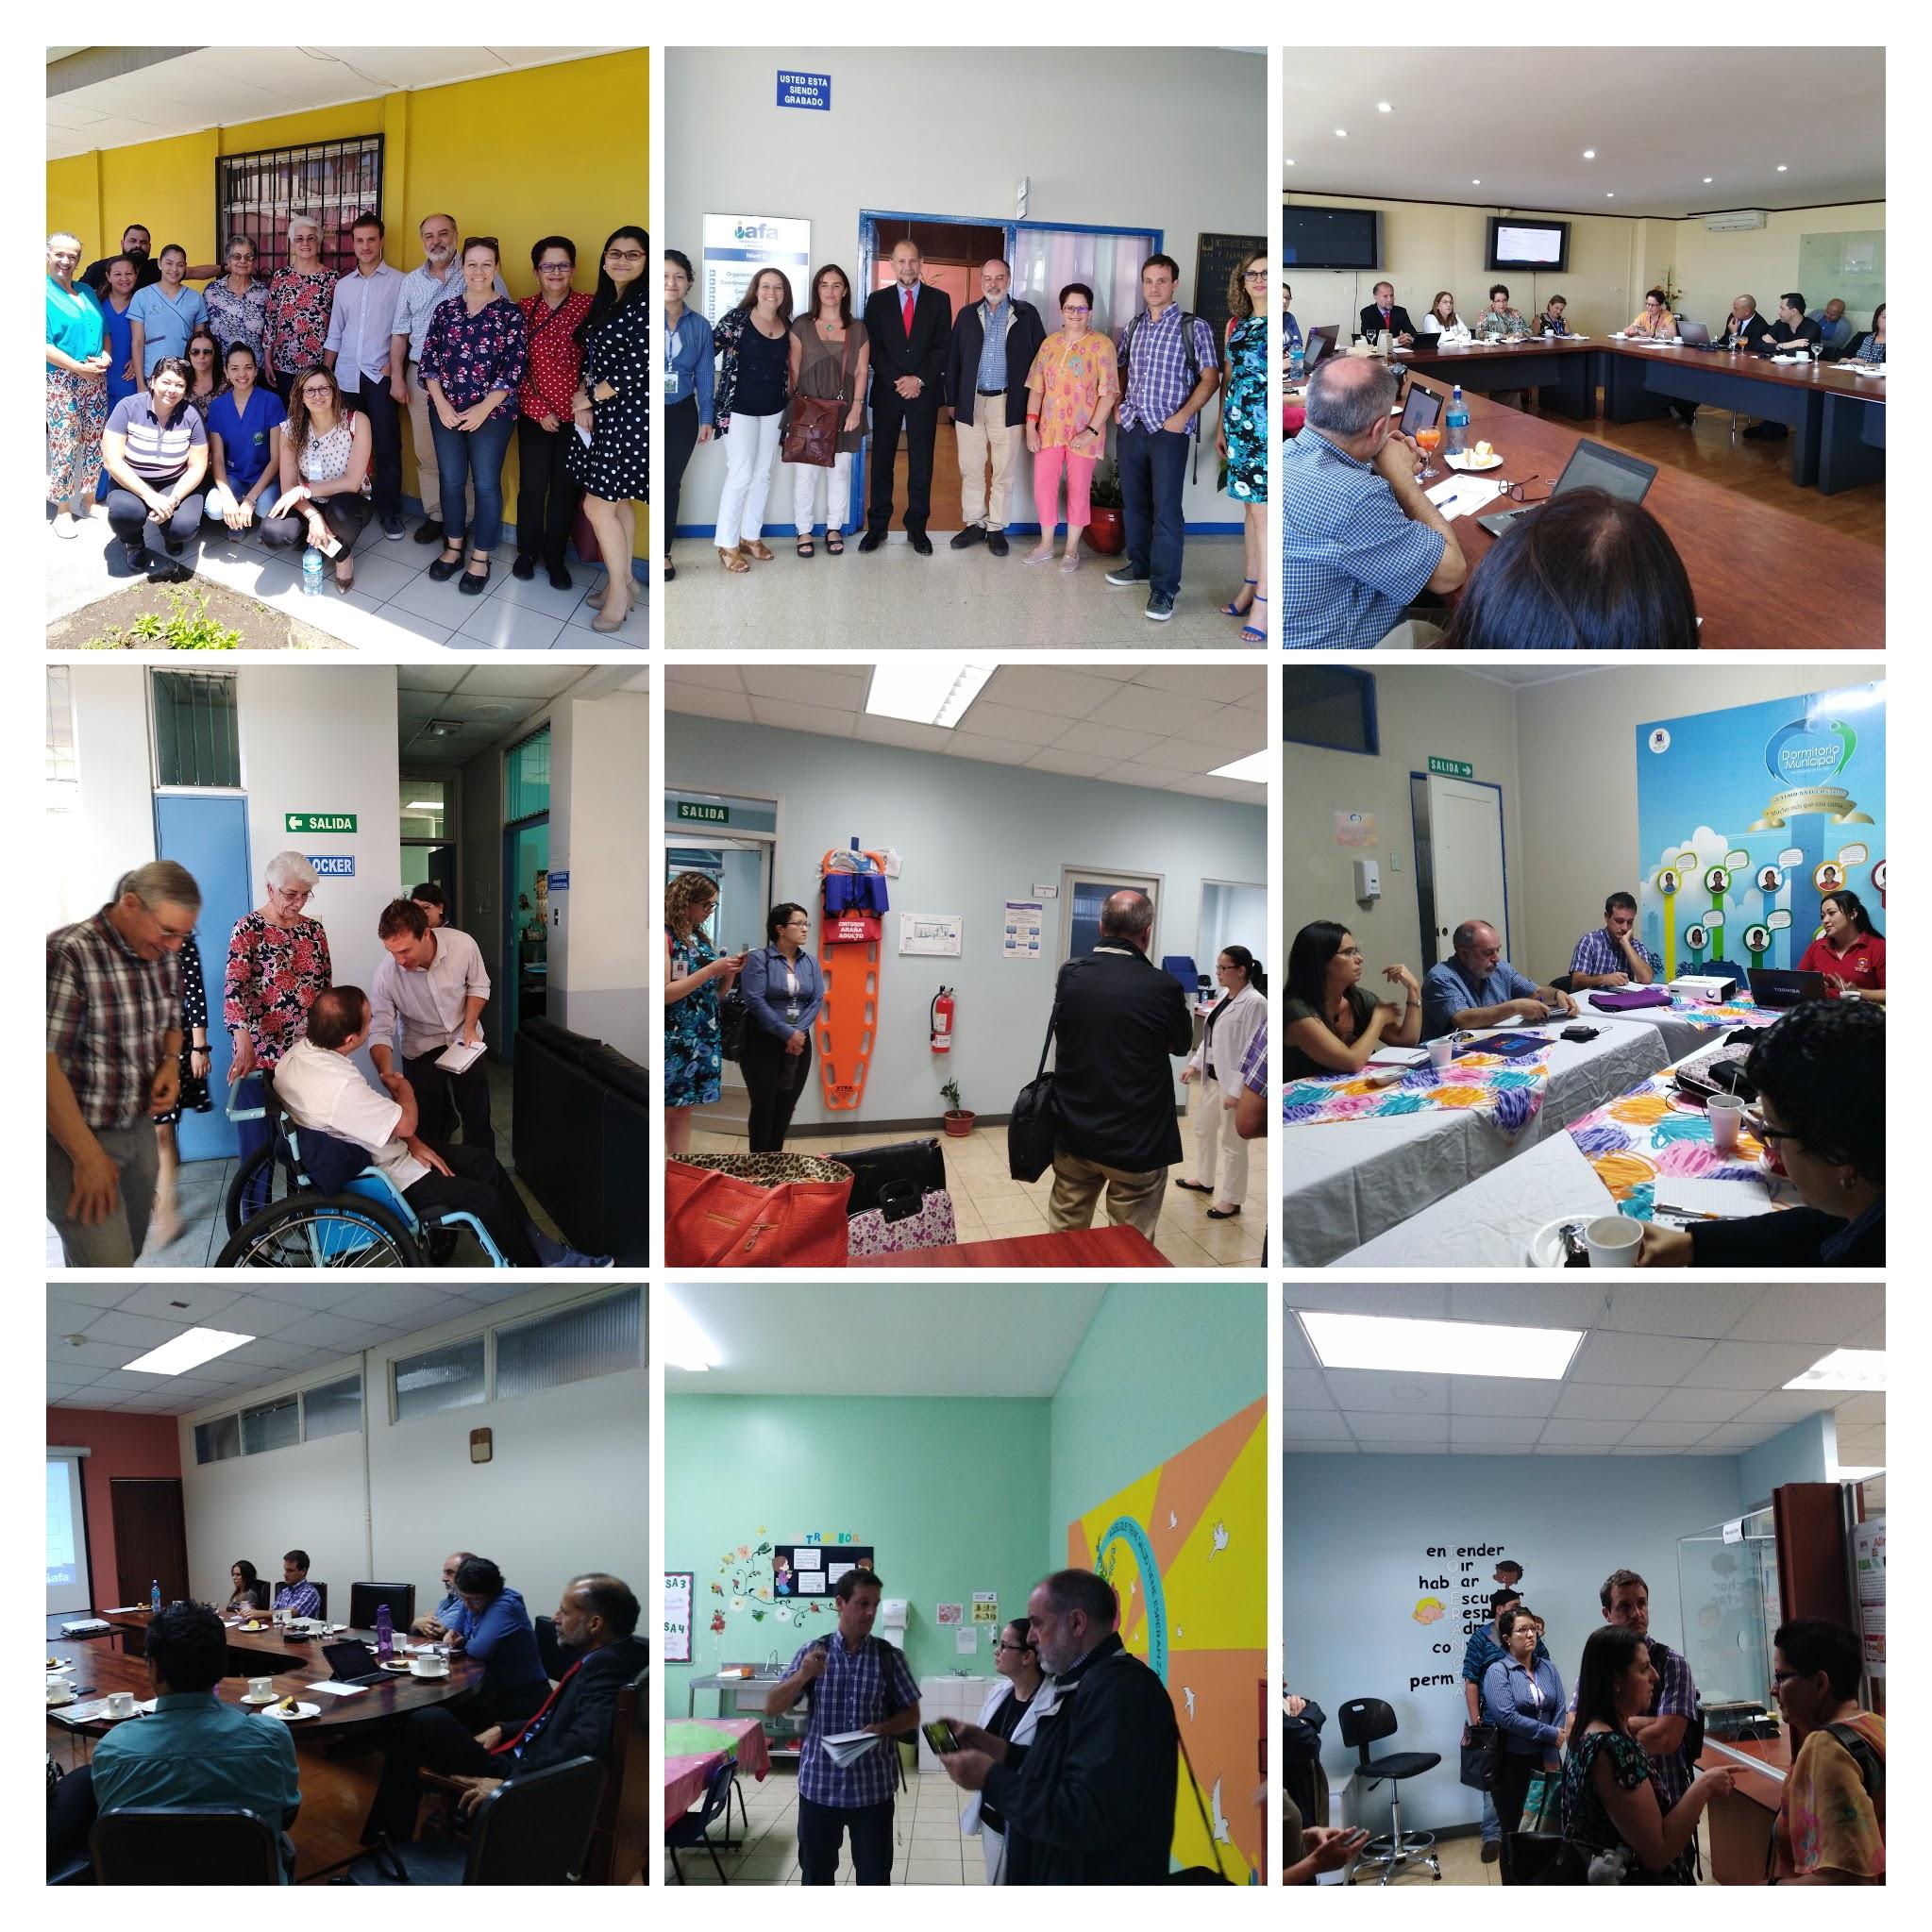 Costa Rica: Reunión de coordinación intersectorial presidida por el Consejo Presidencial Social, reunión de trabajo en IAFA, visita a centros dependientes de IAFA, visita guiada al Centro Dormitorio de la Municipalidad de San José.